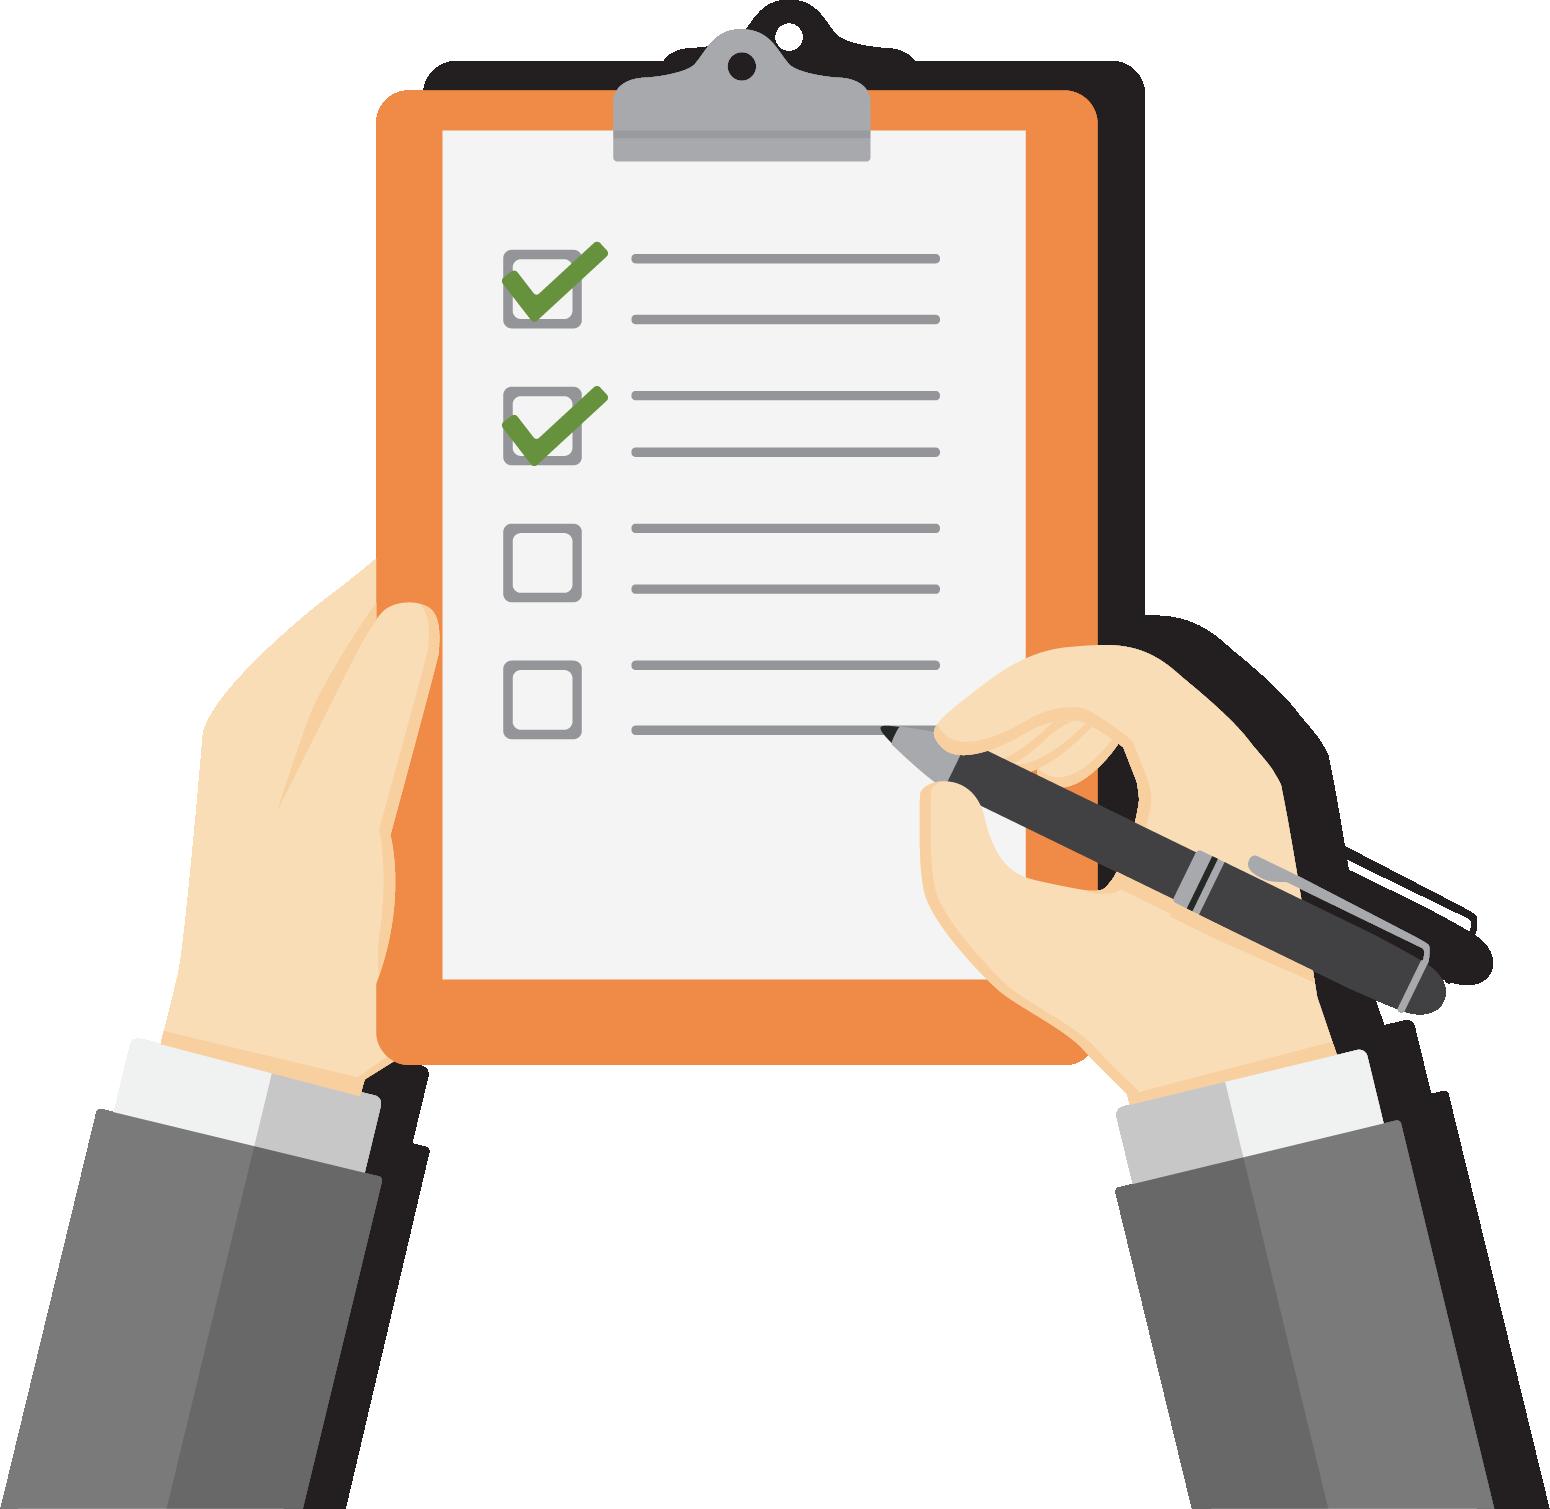 SafeCam Nola Checklist Signoff